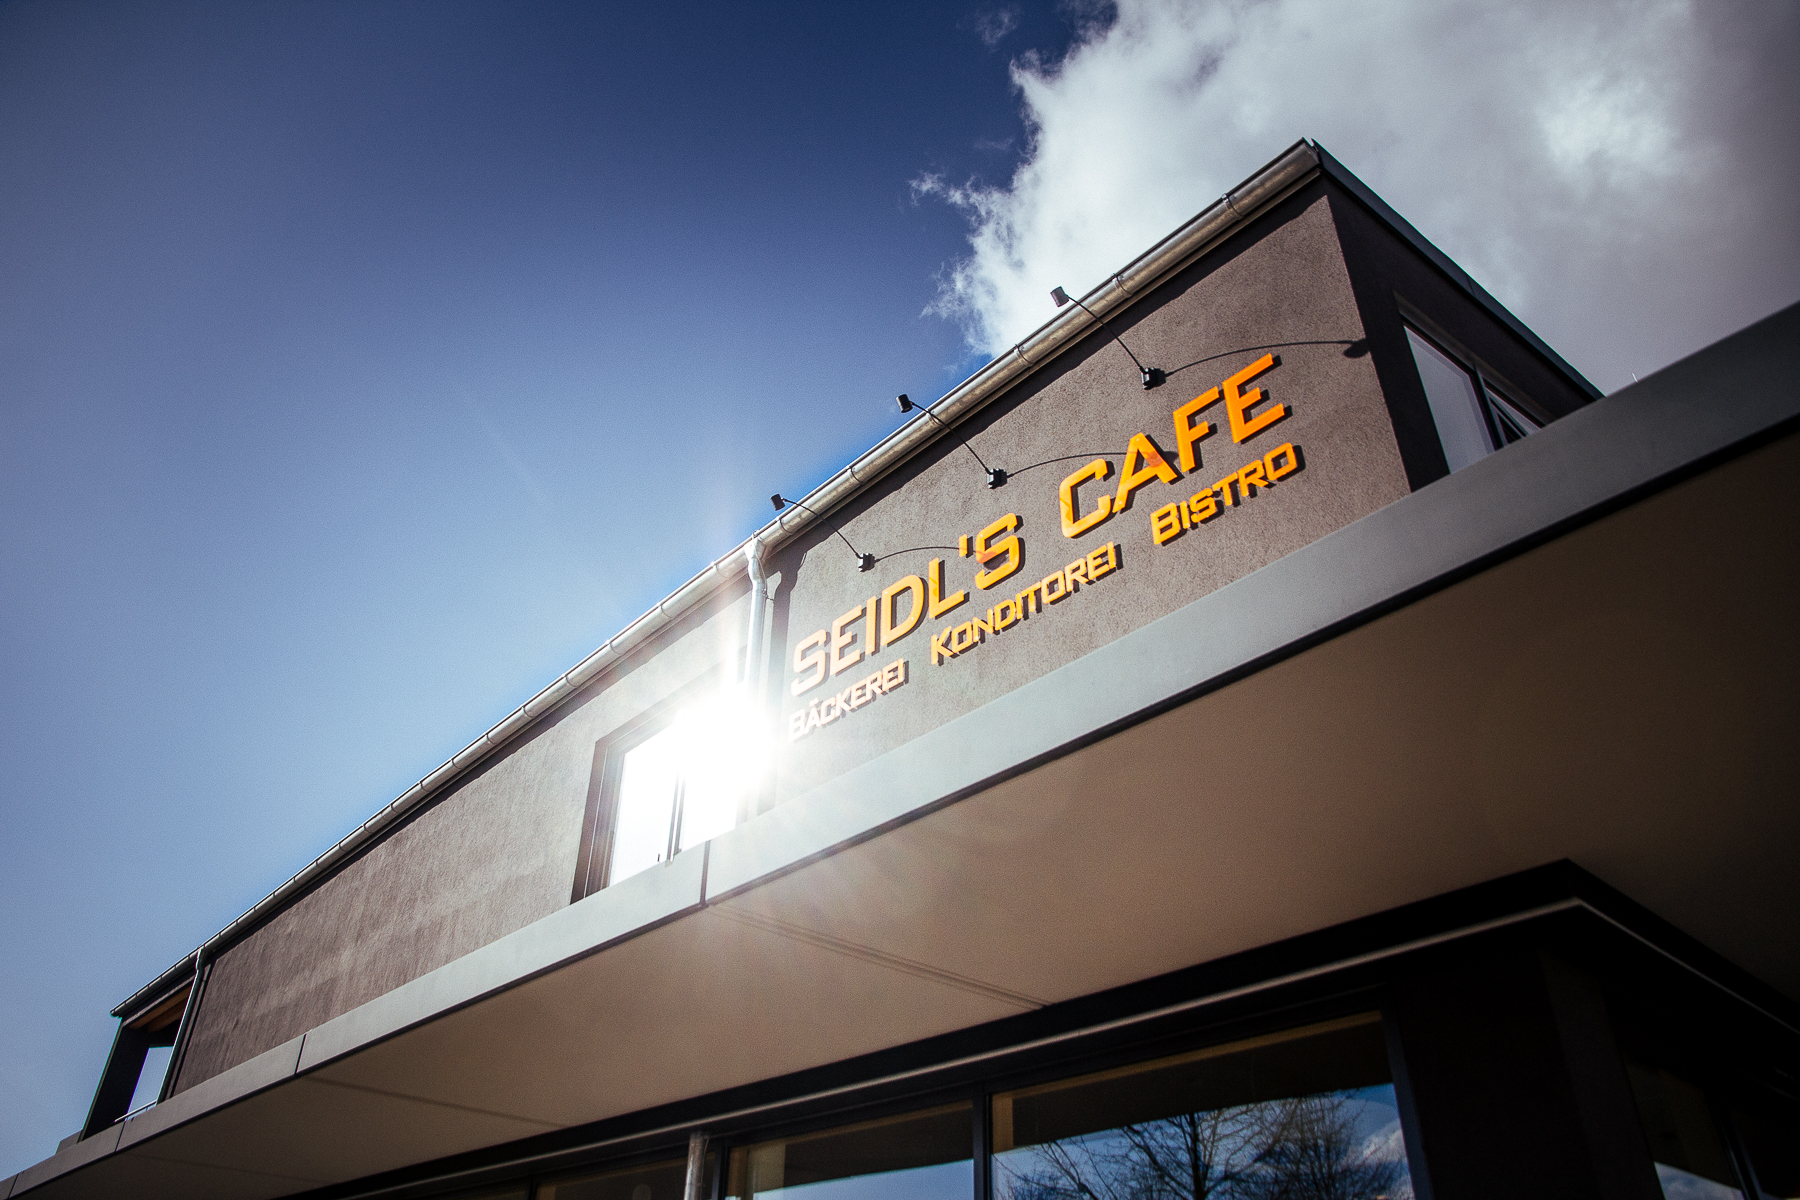 Cafe Markt Indersdorf : cafe markt indersdorf gastronomie immobilien markt ~ Watch28wear.com Haus und Dekorationen